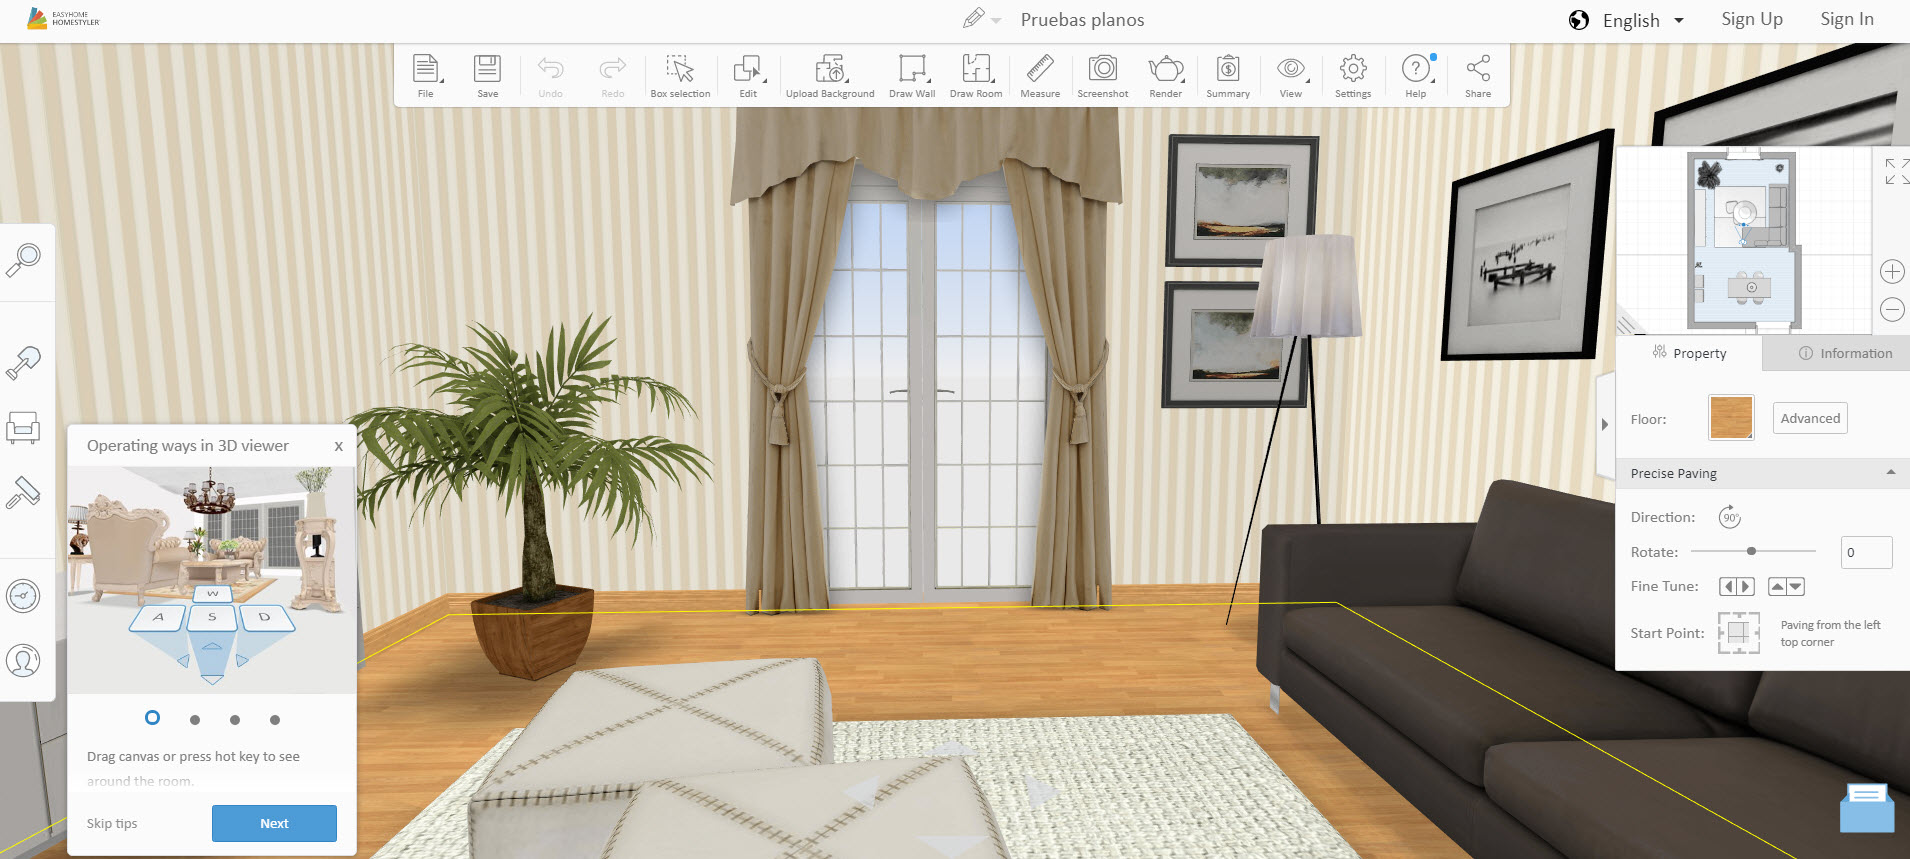 Aplicaciones de dise o de planos de casas y decoraci n de for Diseno y decoracion de casas